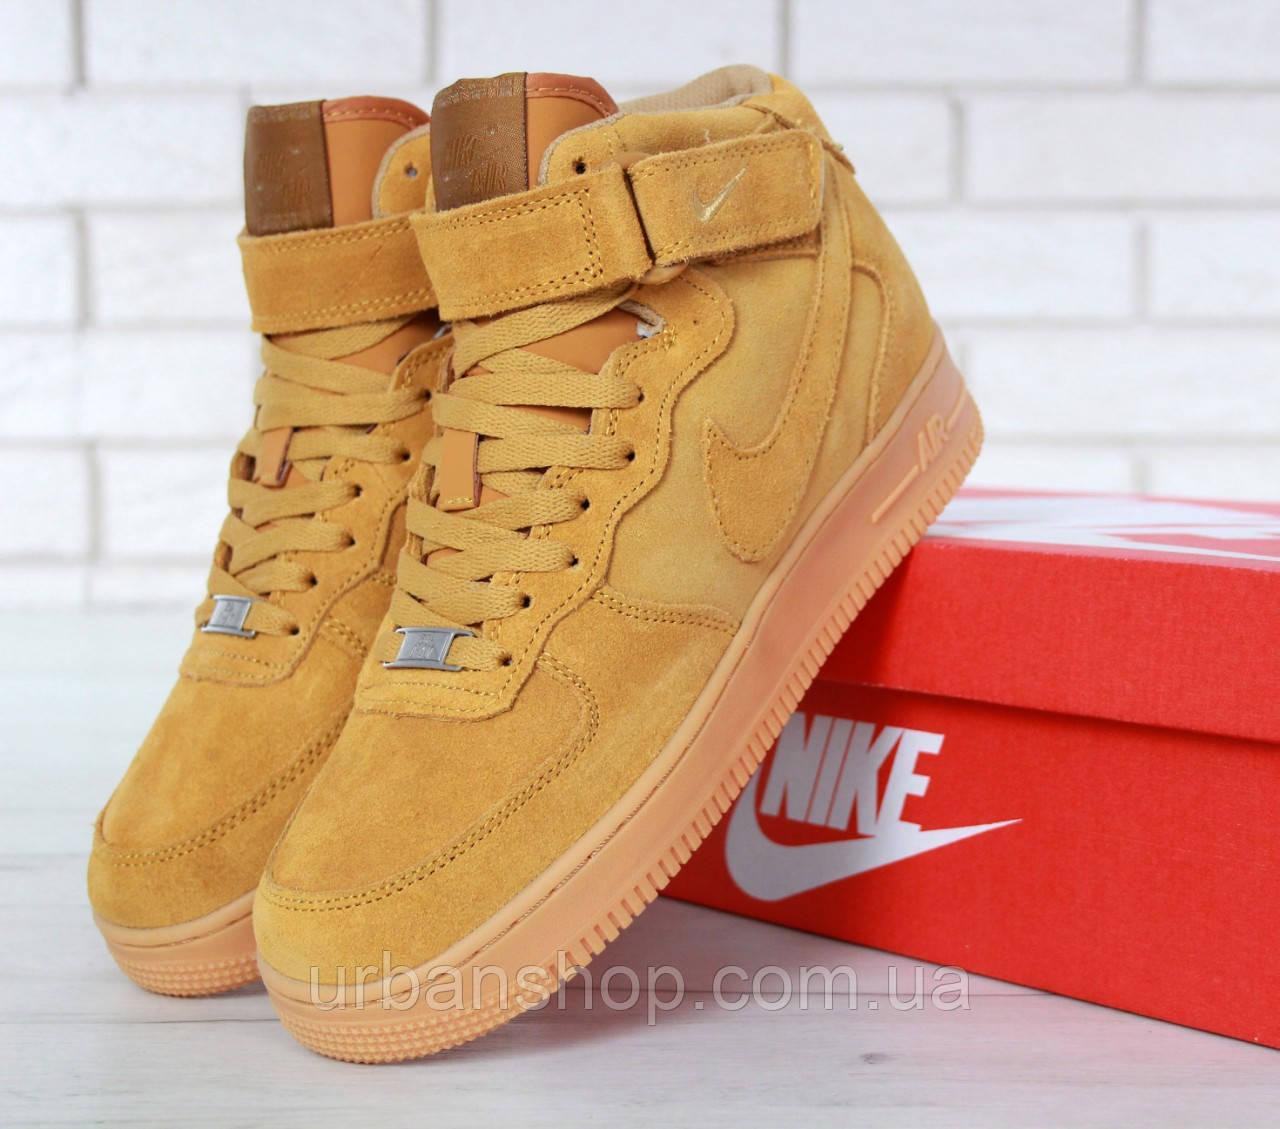 Зимові кросівки Nike Air Force Brown с хутром, Чоловічі кросівки. ТОП Репліка ААА класу.